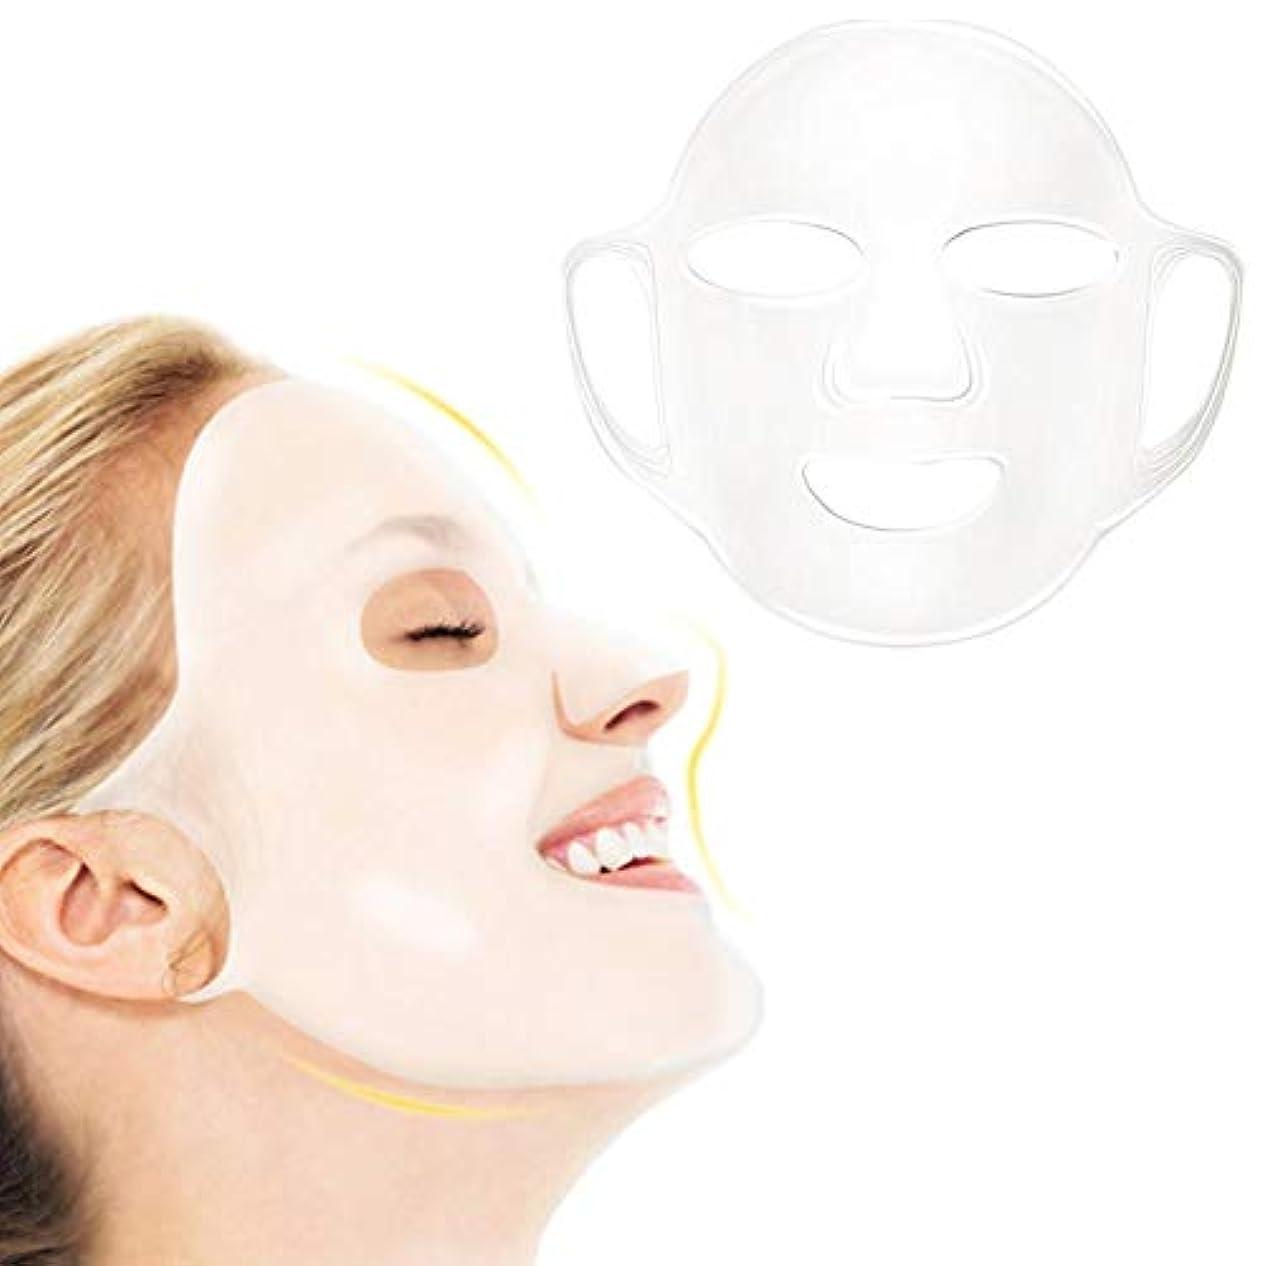 また明日ね援助放棄されたSILUN シリコーンマスクカバーマスクぶら下げ耳マスク固定防滴カバー水蒸発二重吸収マスクDIY